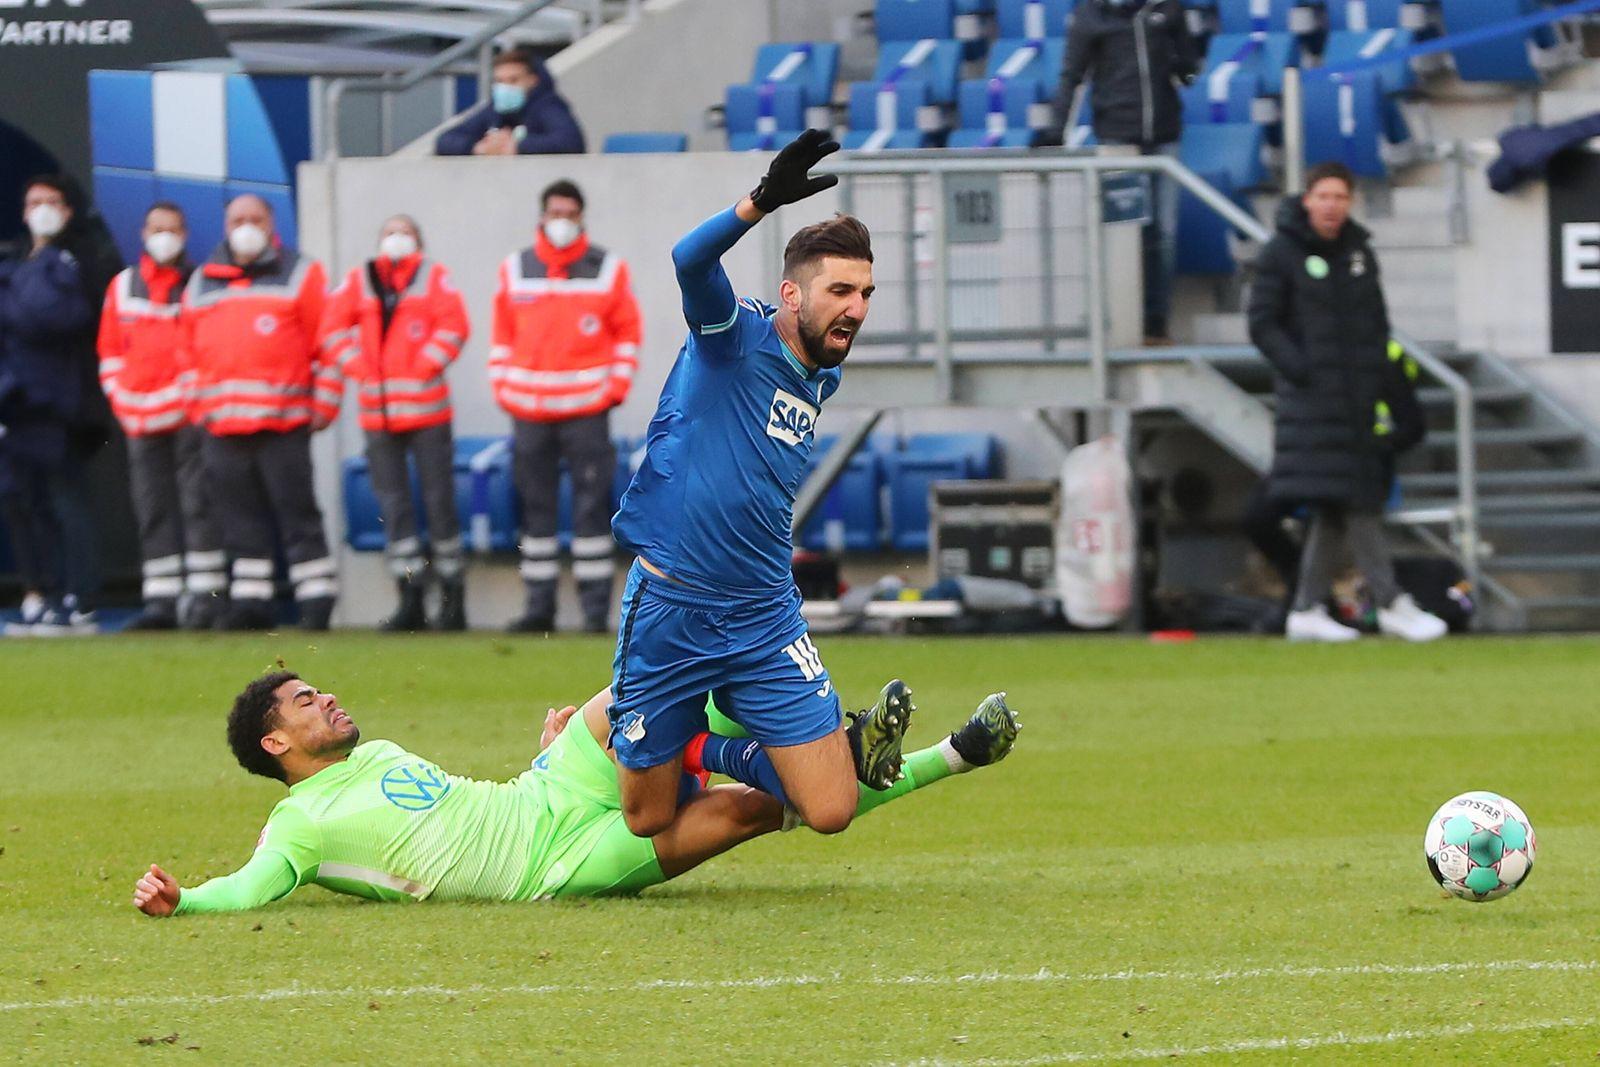 06.03.2021, xtvx, Fussball 1.Bundesliga, TSG 1899 Hoffenheim - VfL Wolfsburg emspor, v.l. Foul Paulo Otavio (VfL Wolfsb